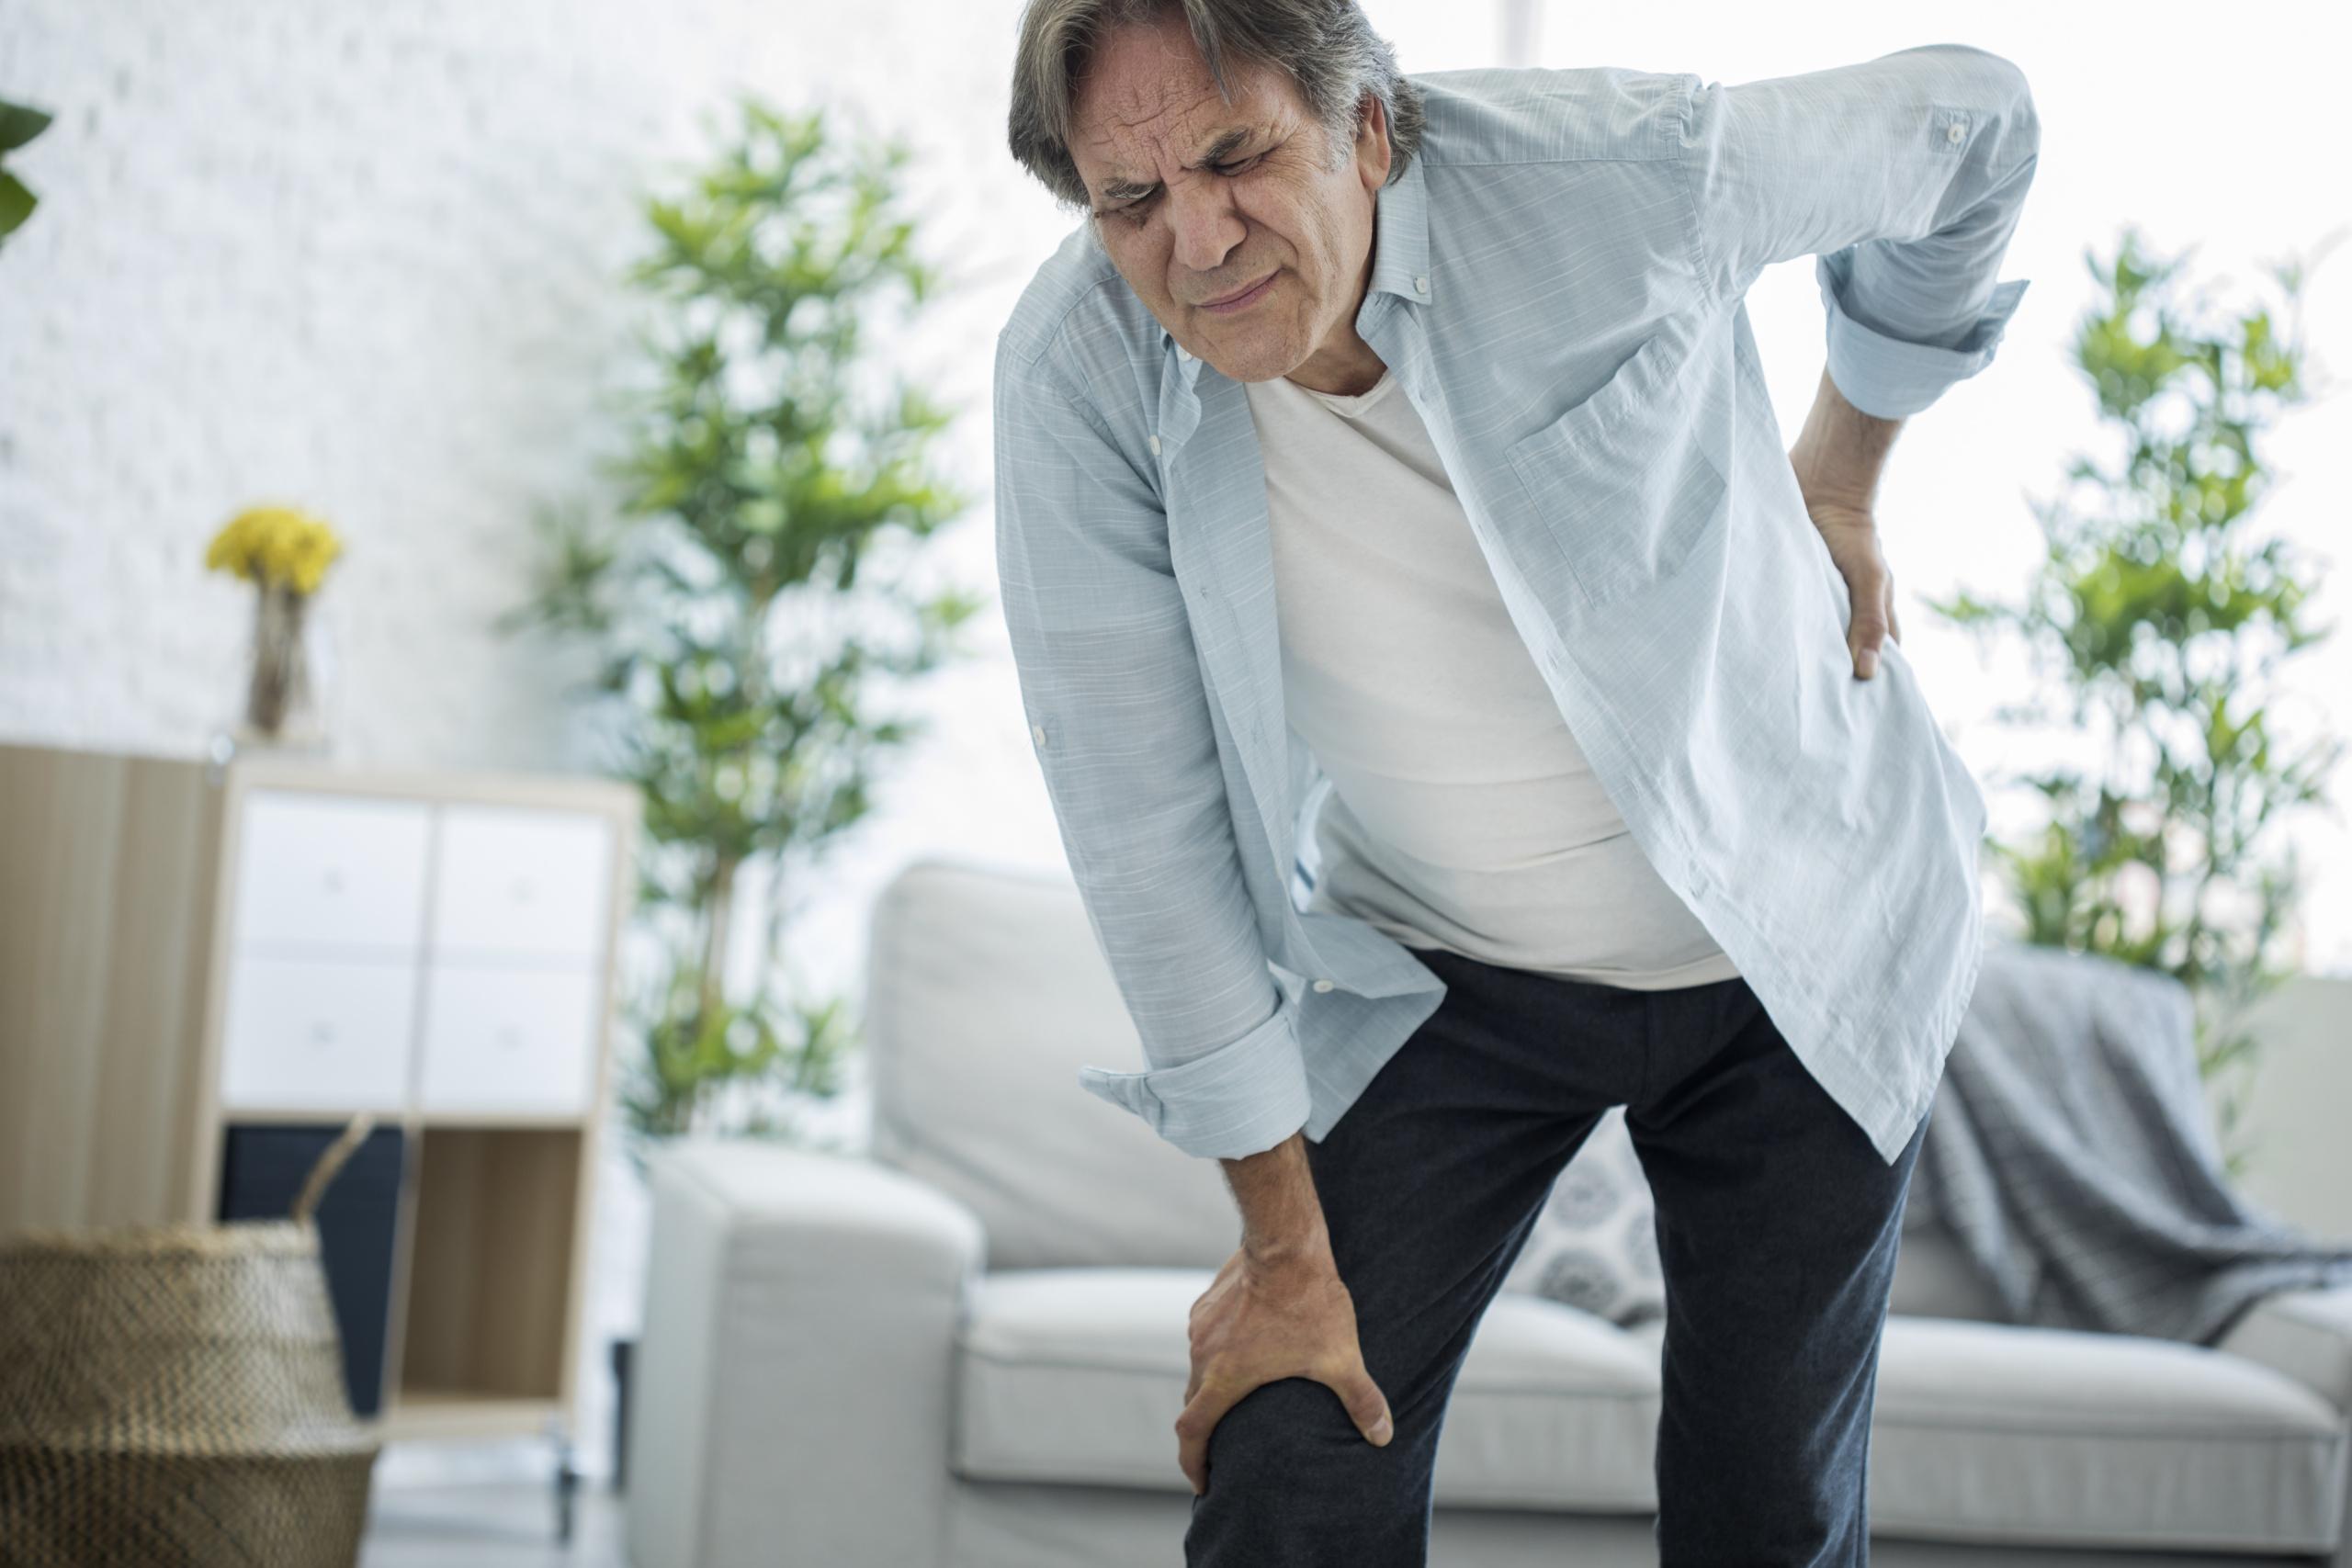 Mann bøyer seg fremover med smerter i ryggen. Foto